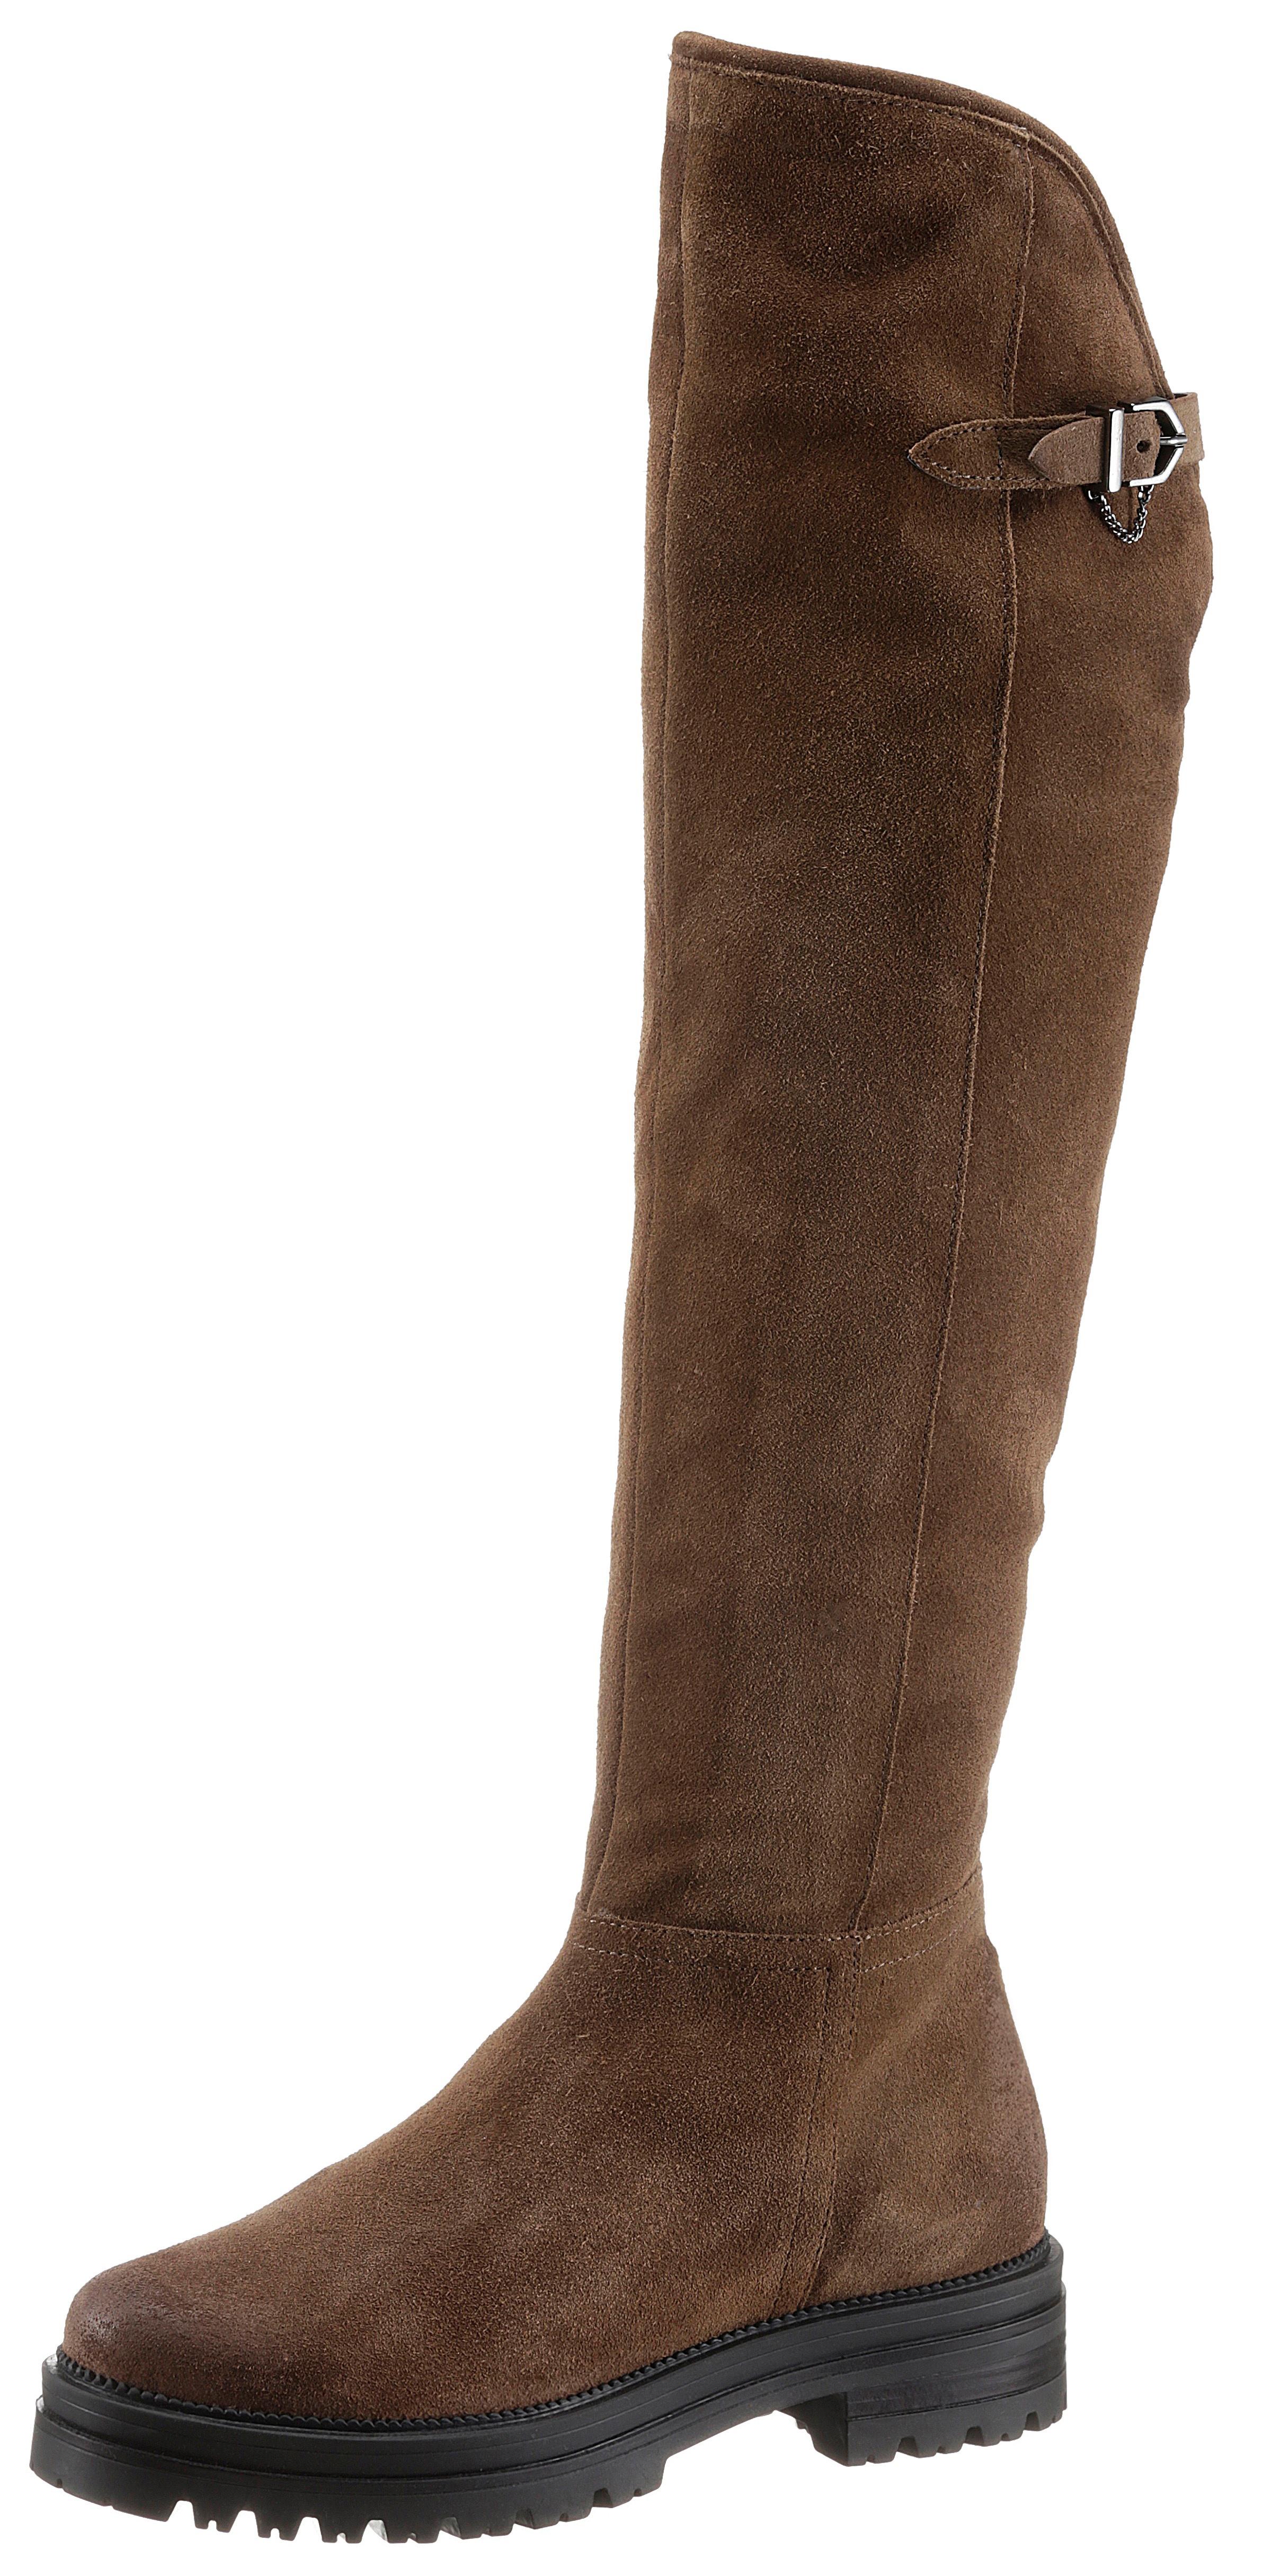 mjus -  Overkneestiefel DOBLE, mit Zierschnalle